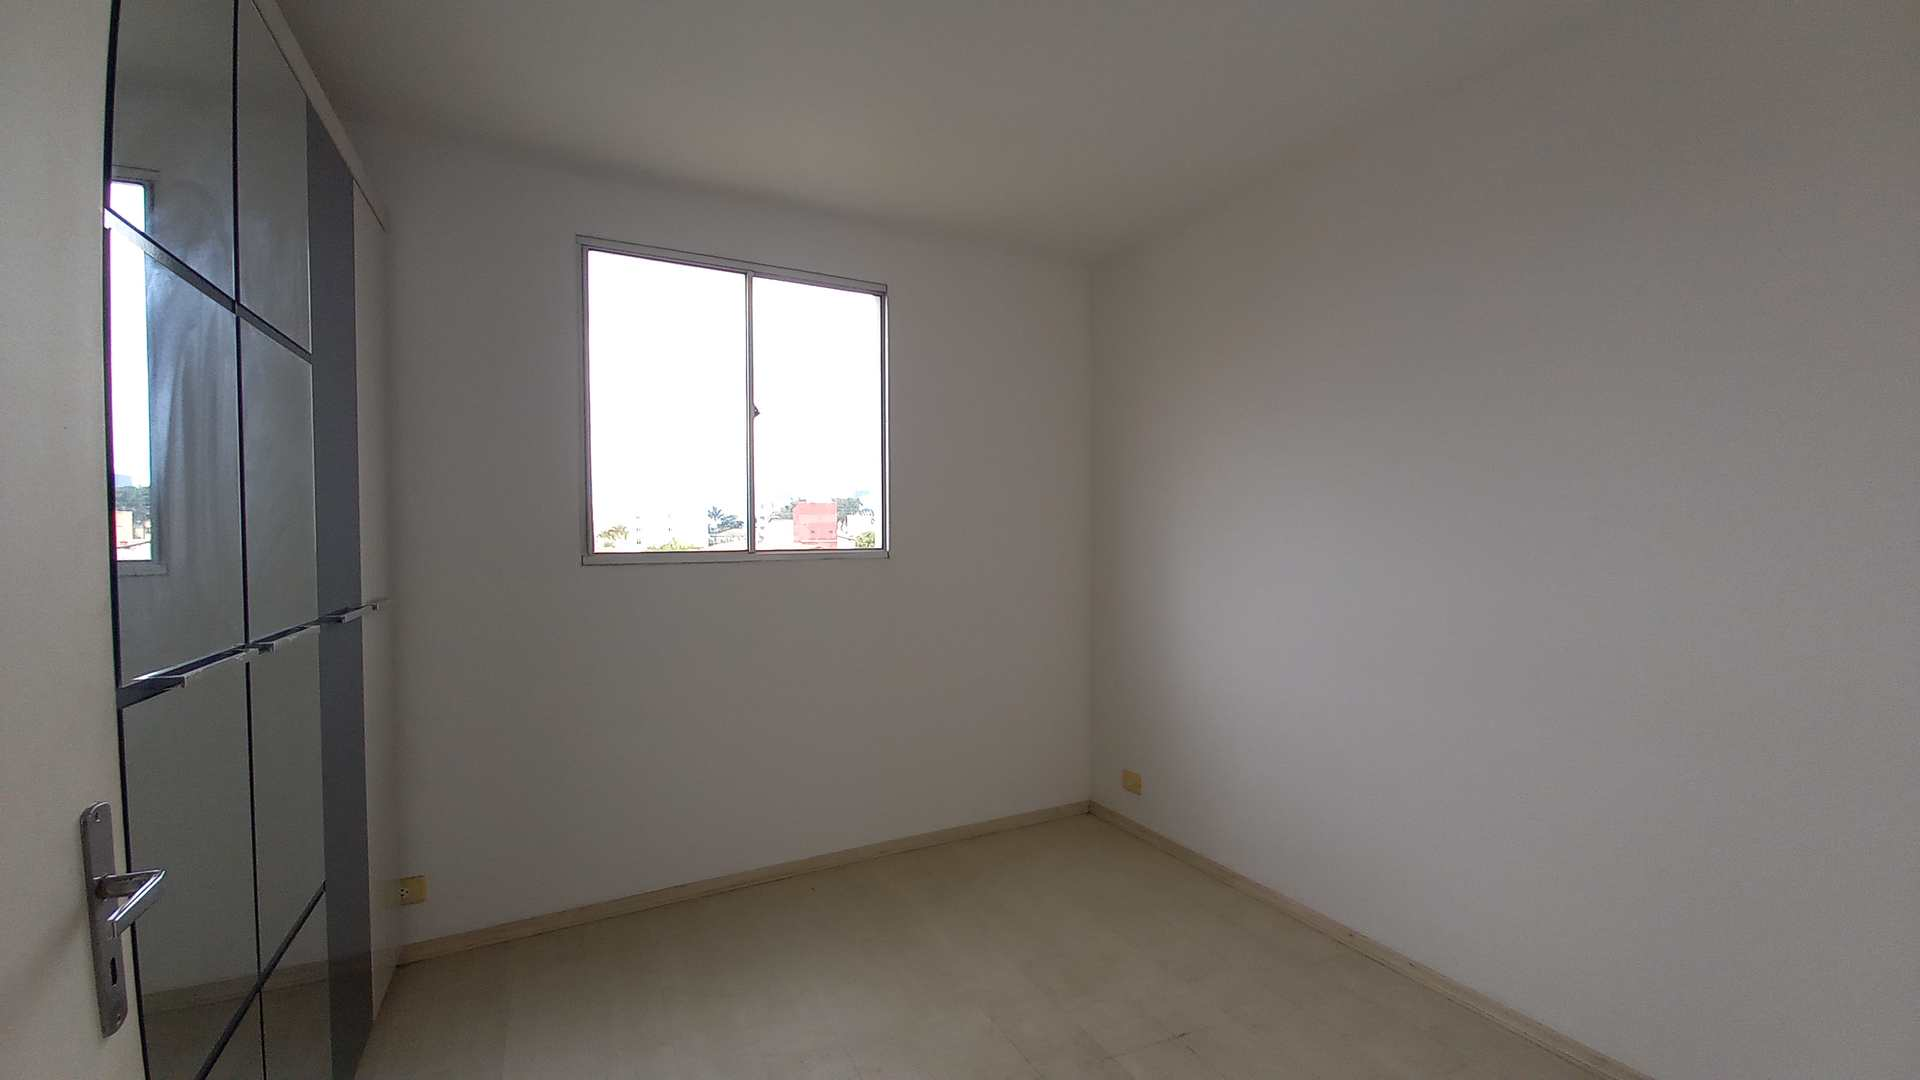 Apartamento com 2 dorms, Vila Urupês, Suzano, Cod: 1257